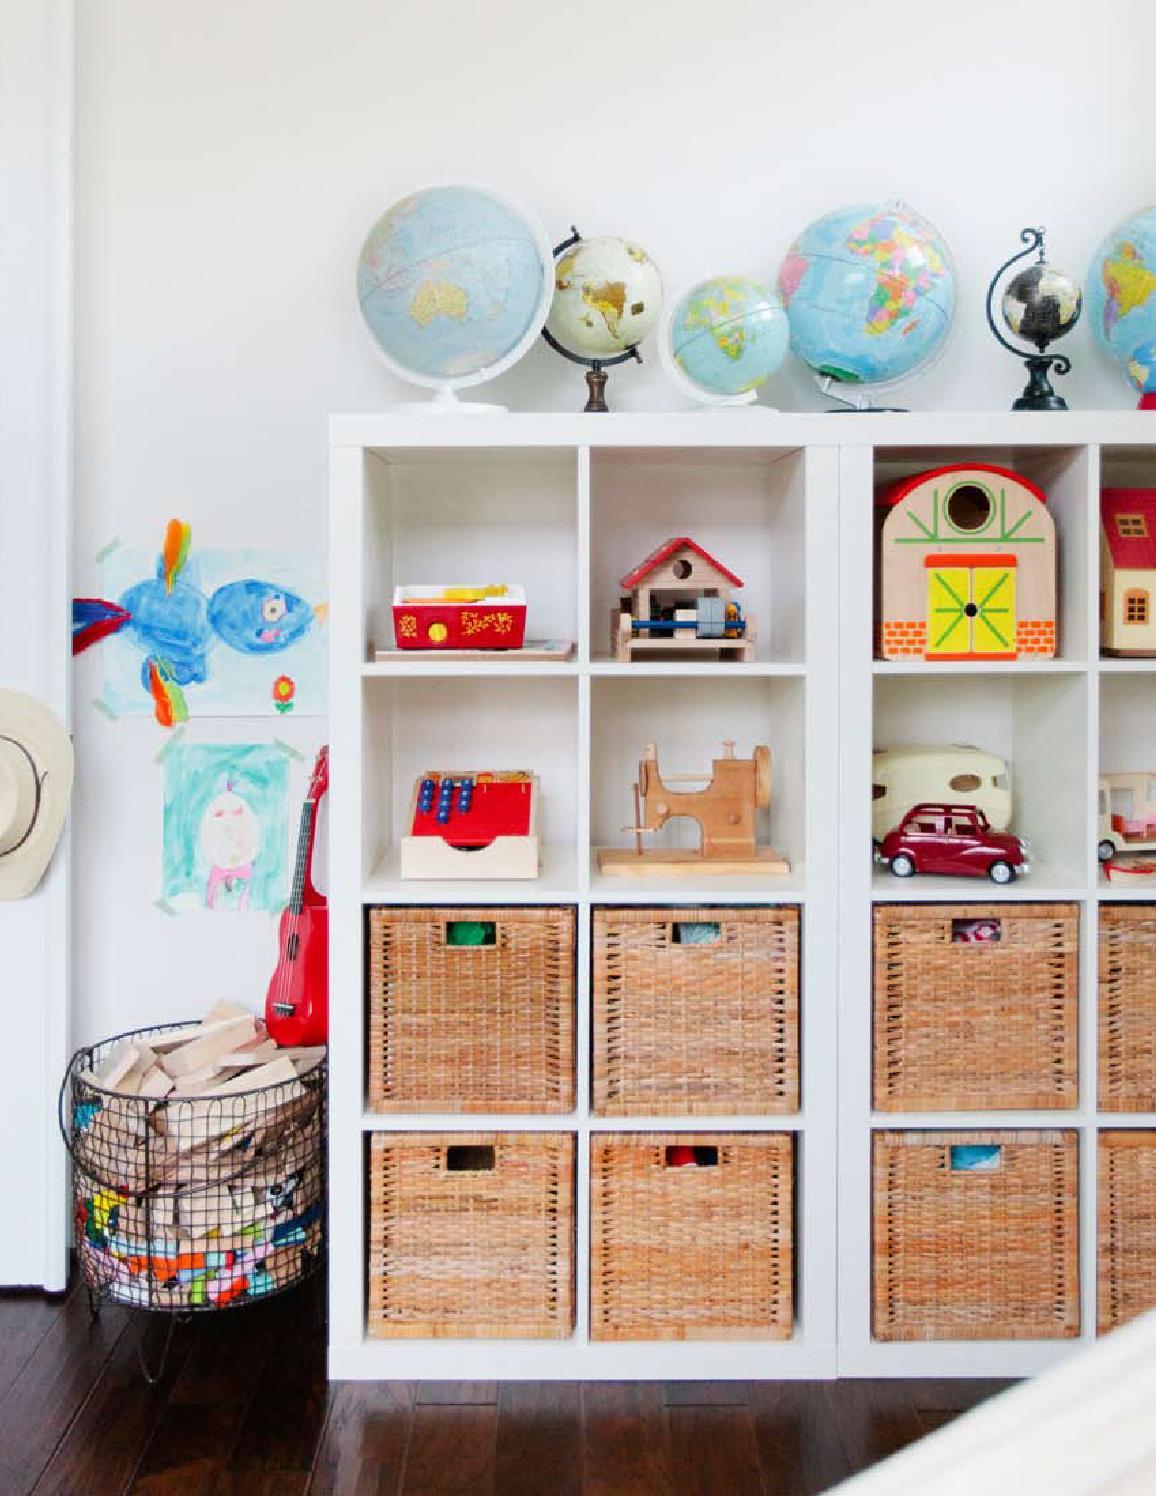 7 conseils pour encourager votre enfant ranger sa chambre - Jeux de ranger sa chambre ...